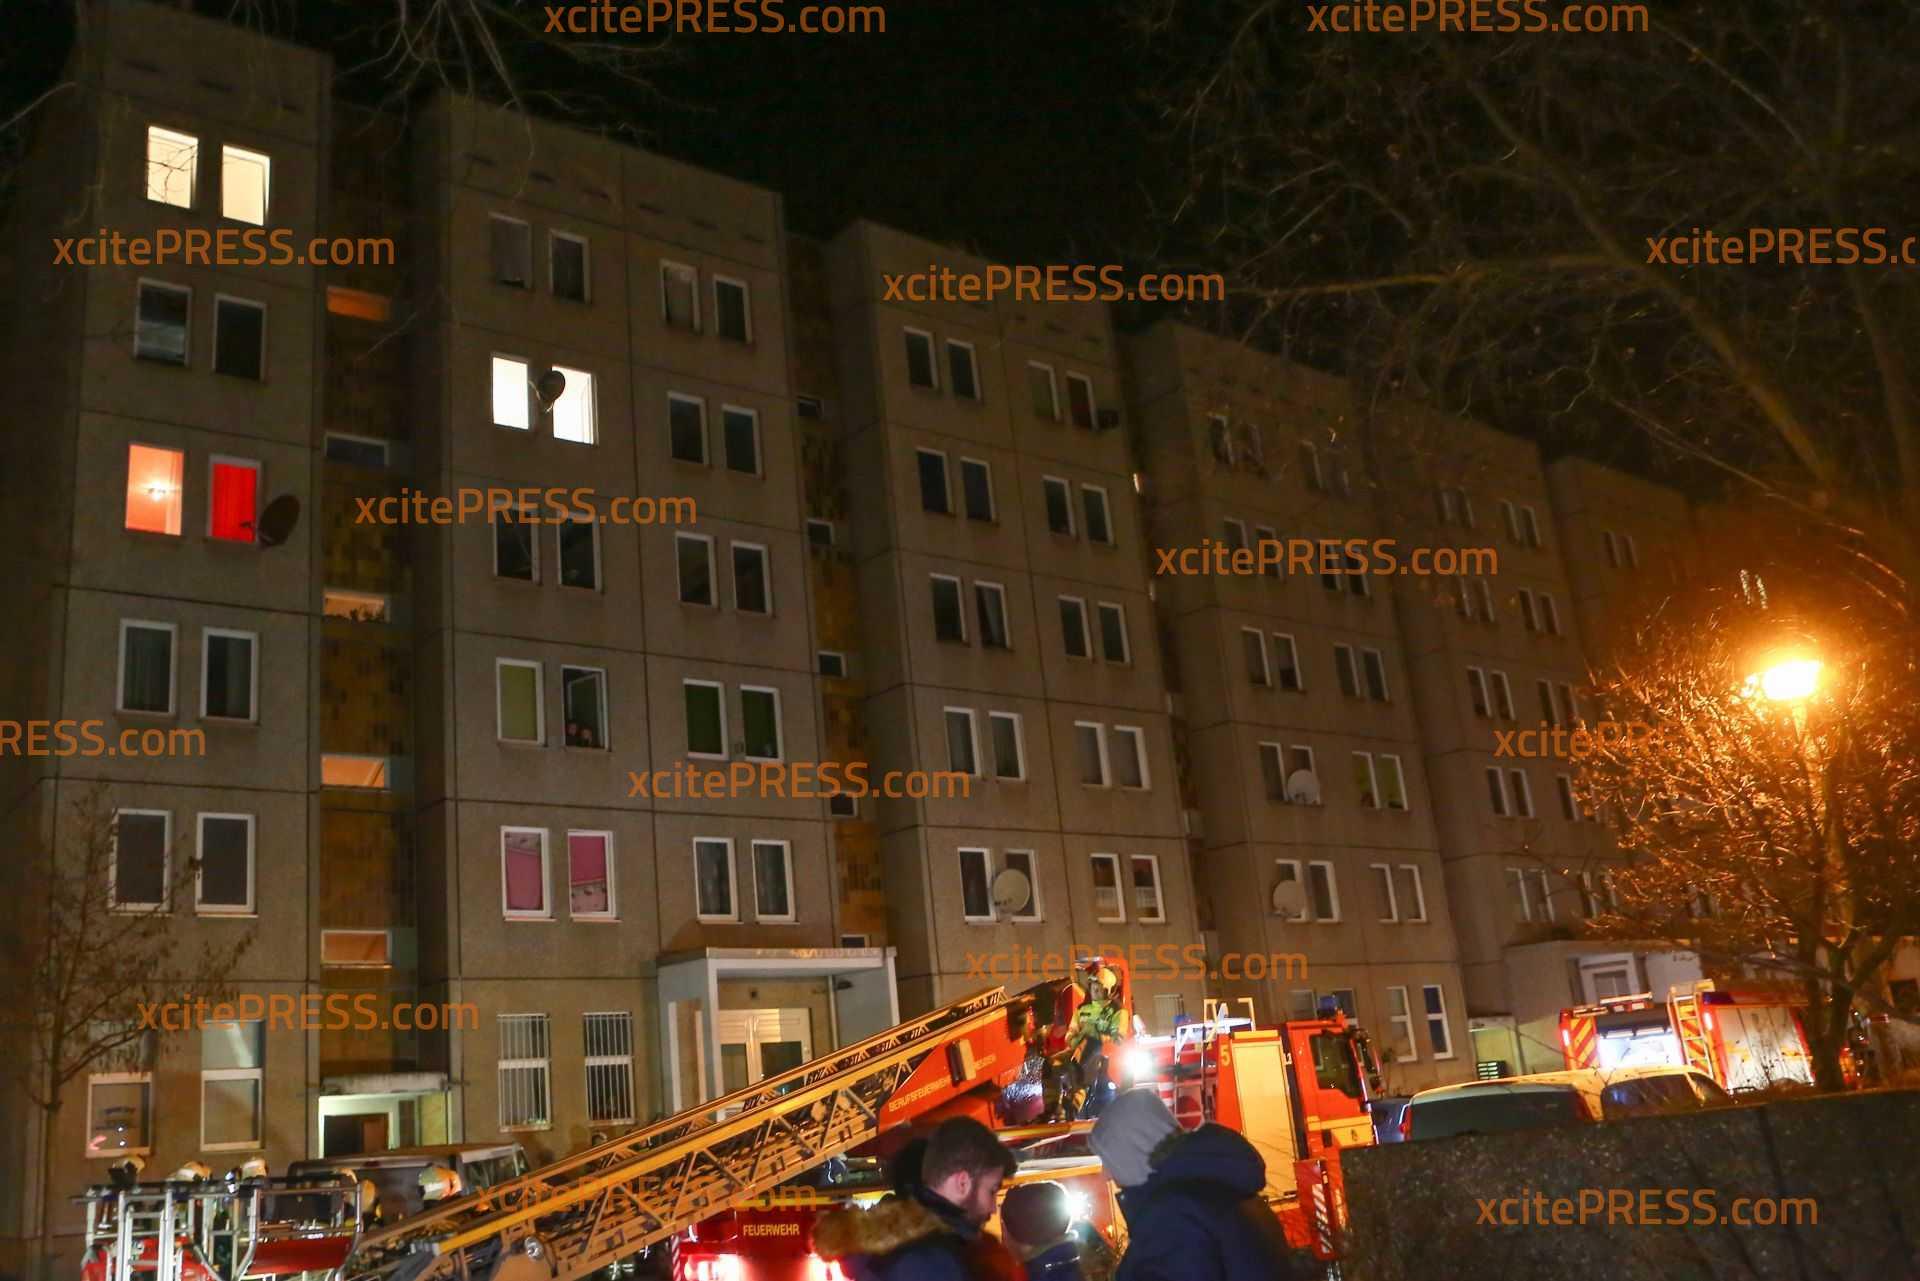 Explosion nach Brandstiftung im Keller: Großaufgebot von Einsatzkräften - Wasserrohr löschte Brand Nacht Explosion selbst